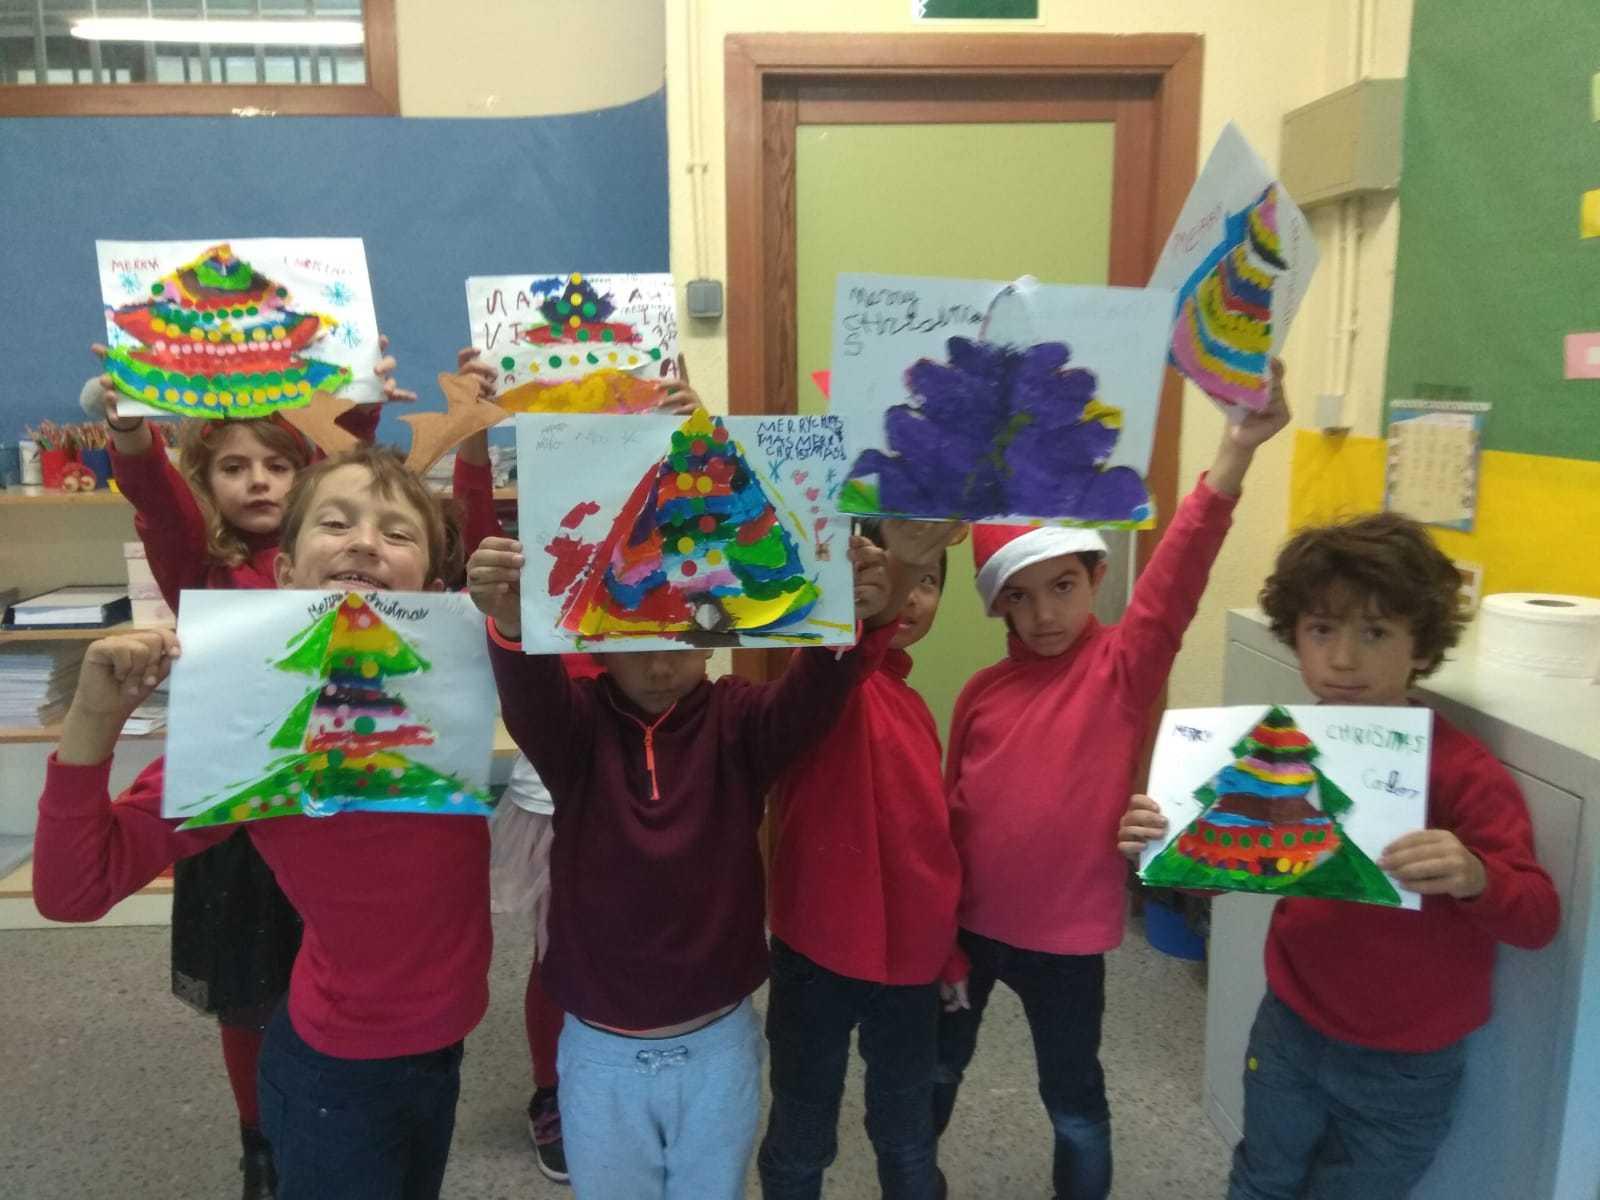 2018_12_1ºC despide el primer trimestre con alegría y manualidades_CEIP FDLR_Las Rozas 10